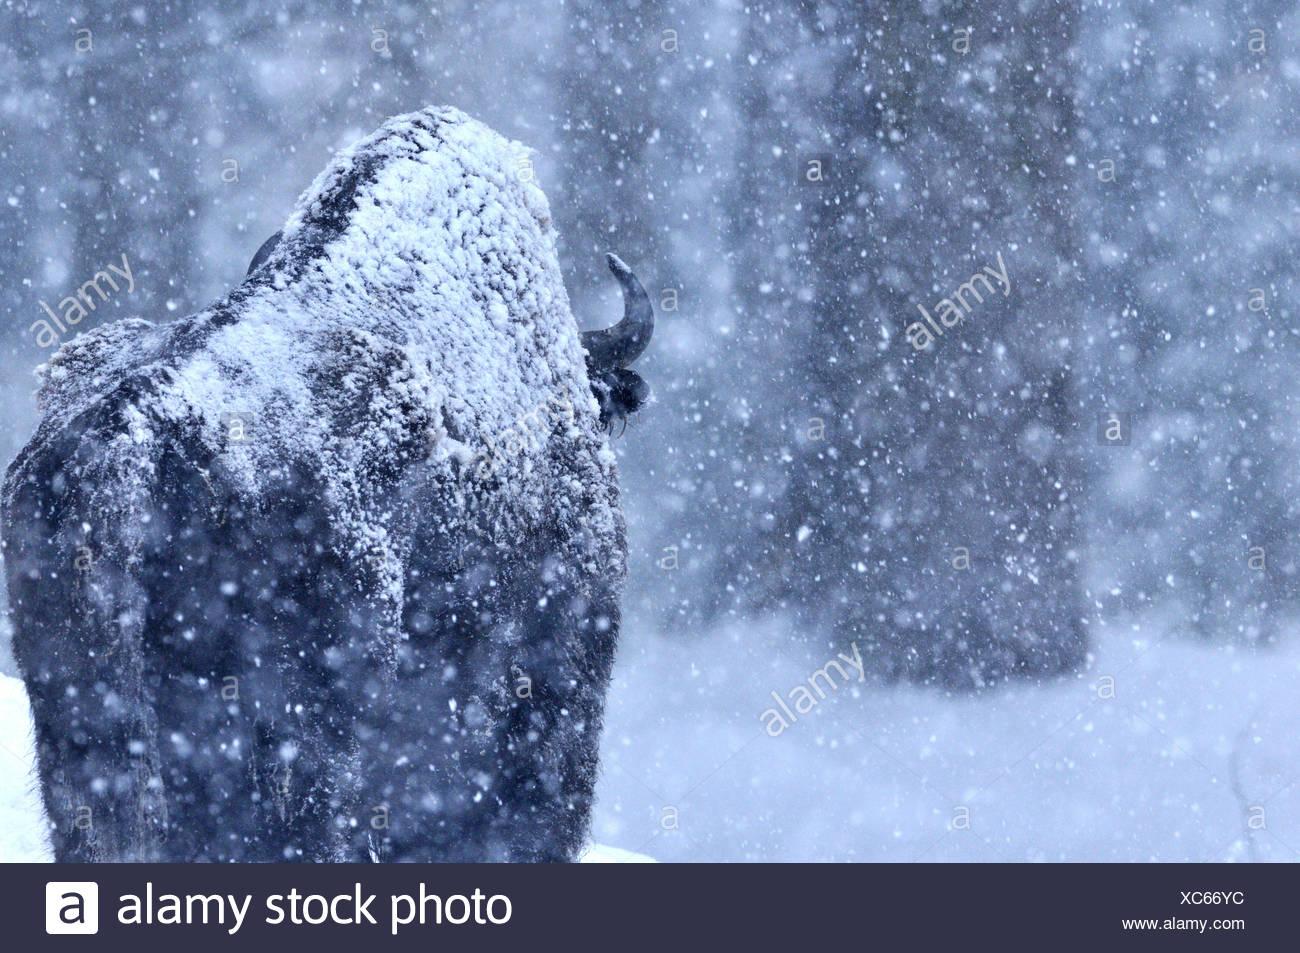 Bison bison bonasus Bovinae bovini bufali di corna di bovini selvaggi-ungulato bisonti bisonti d'inverno la neve animale germe di animali Immagini Stock